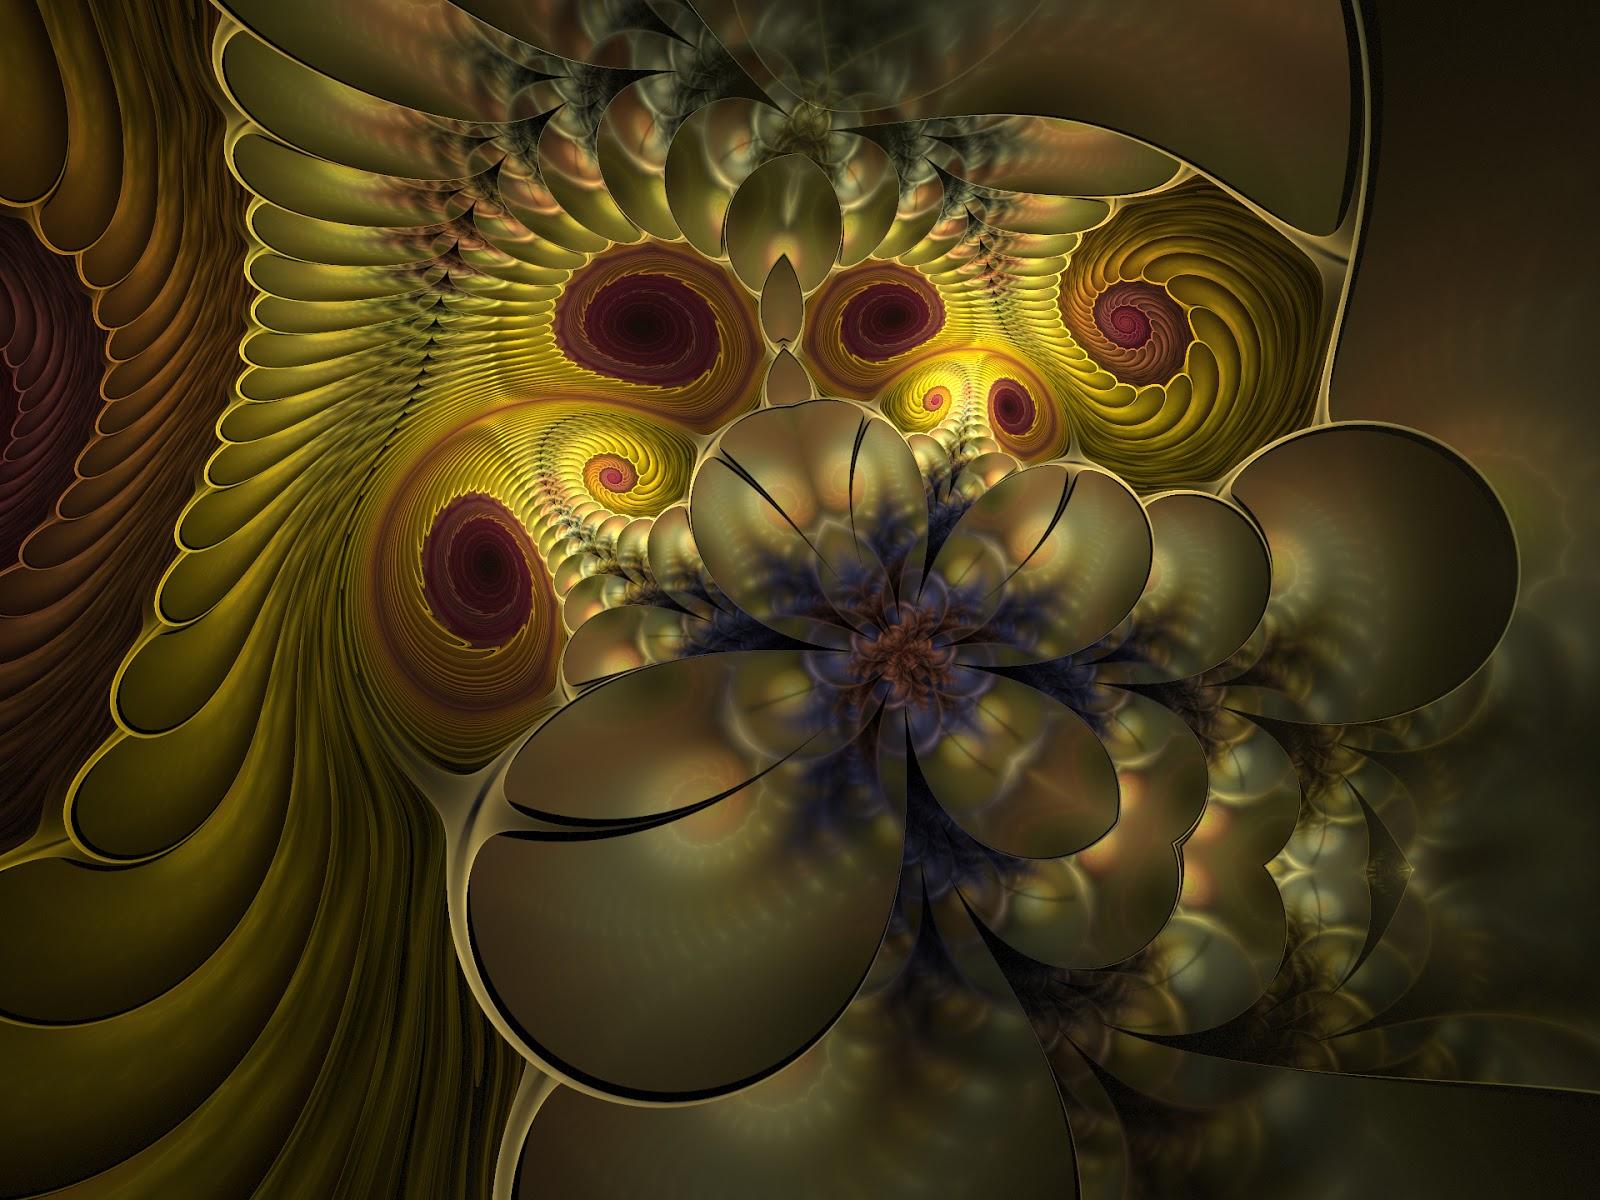 Banco de im genes 14 im genes abstractas en 3d fondos for Imagenes abstractas 3d